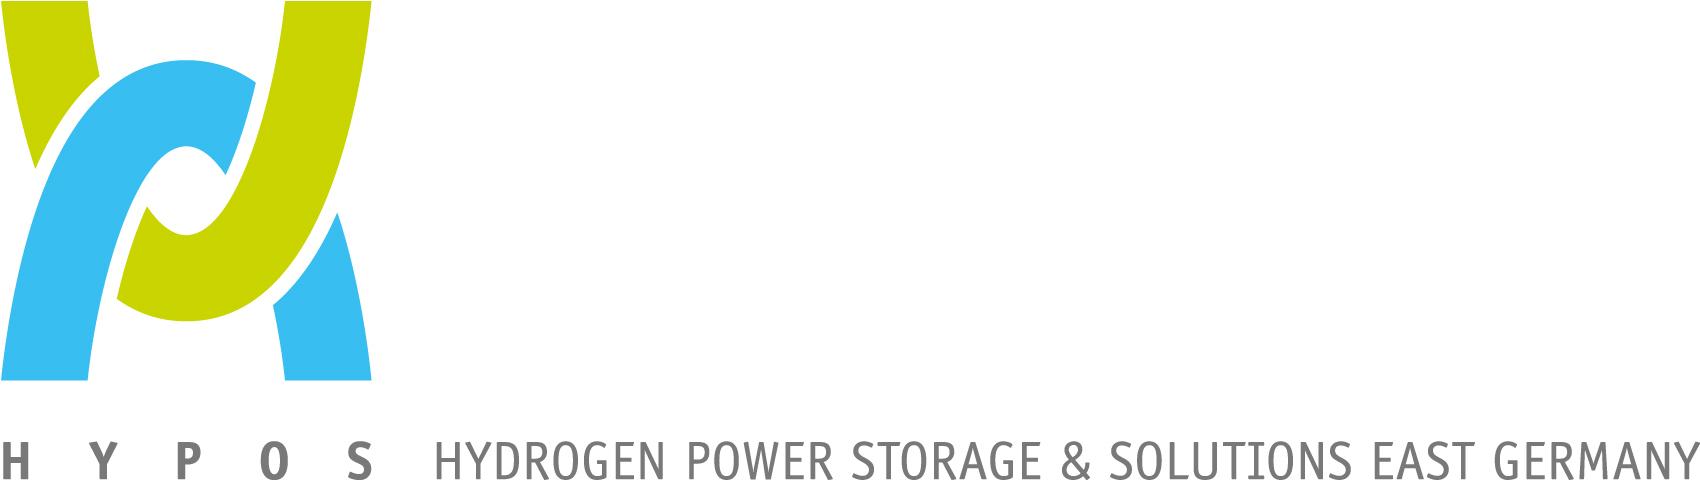 Logo Das Wasserstoffnetzwerk Hypos